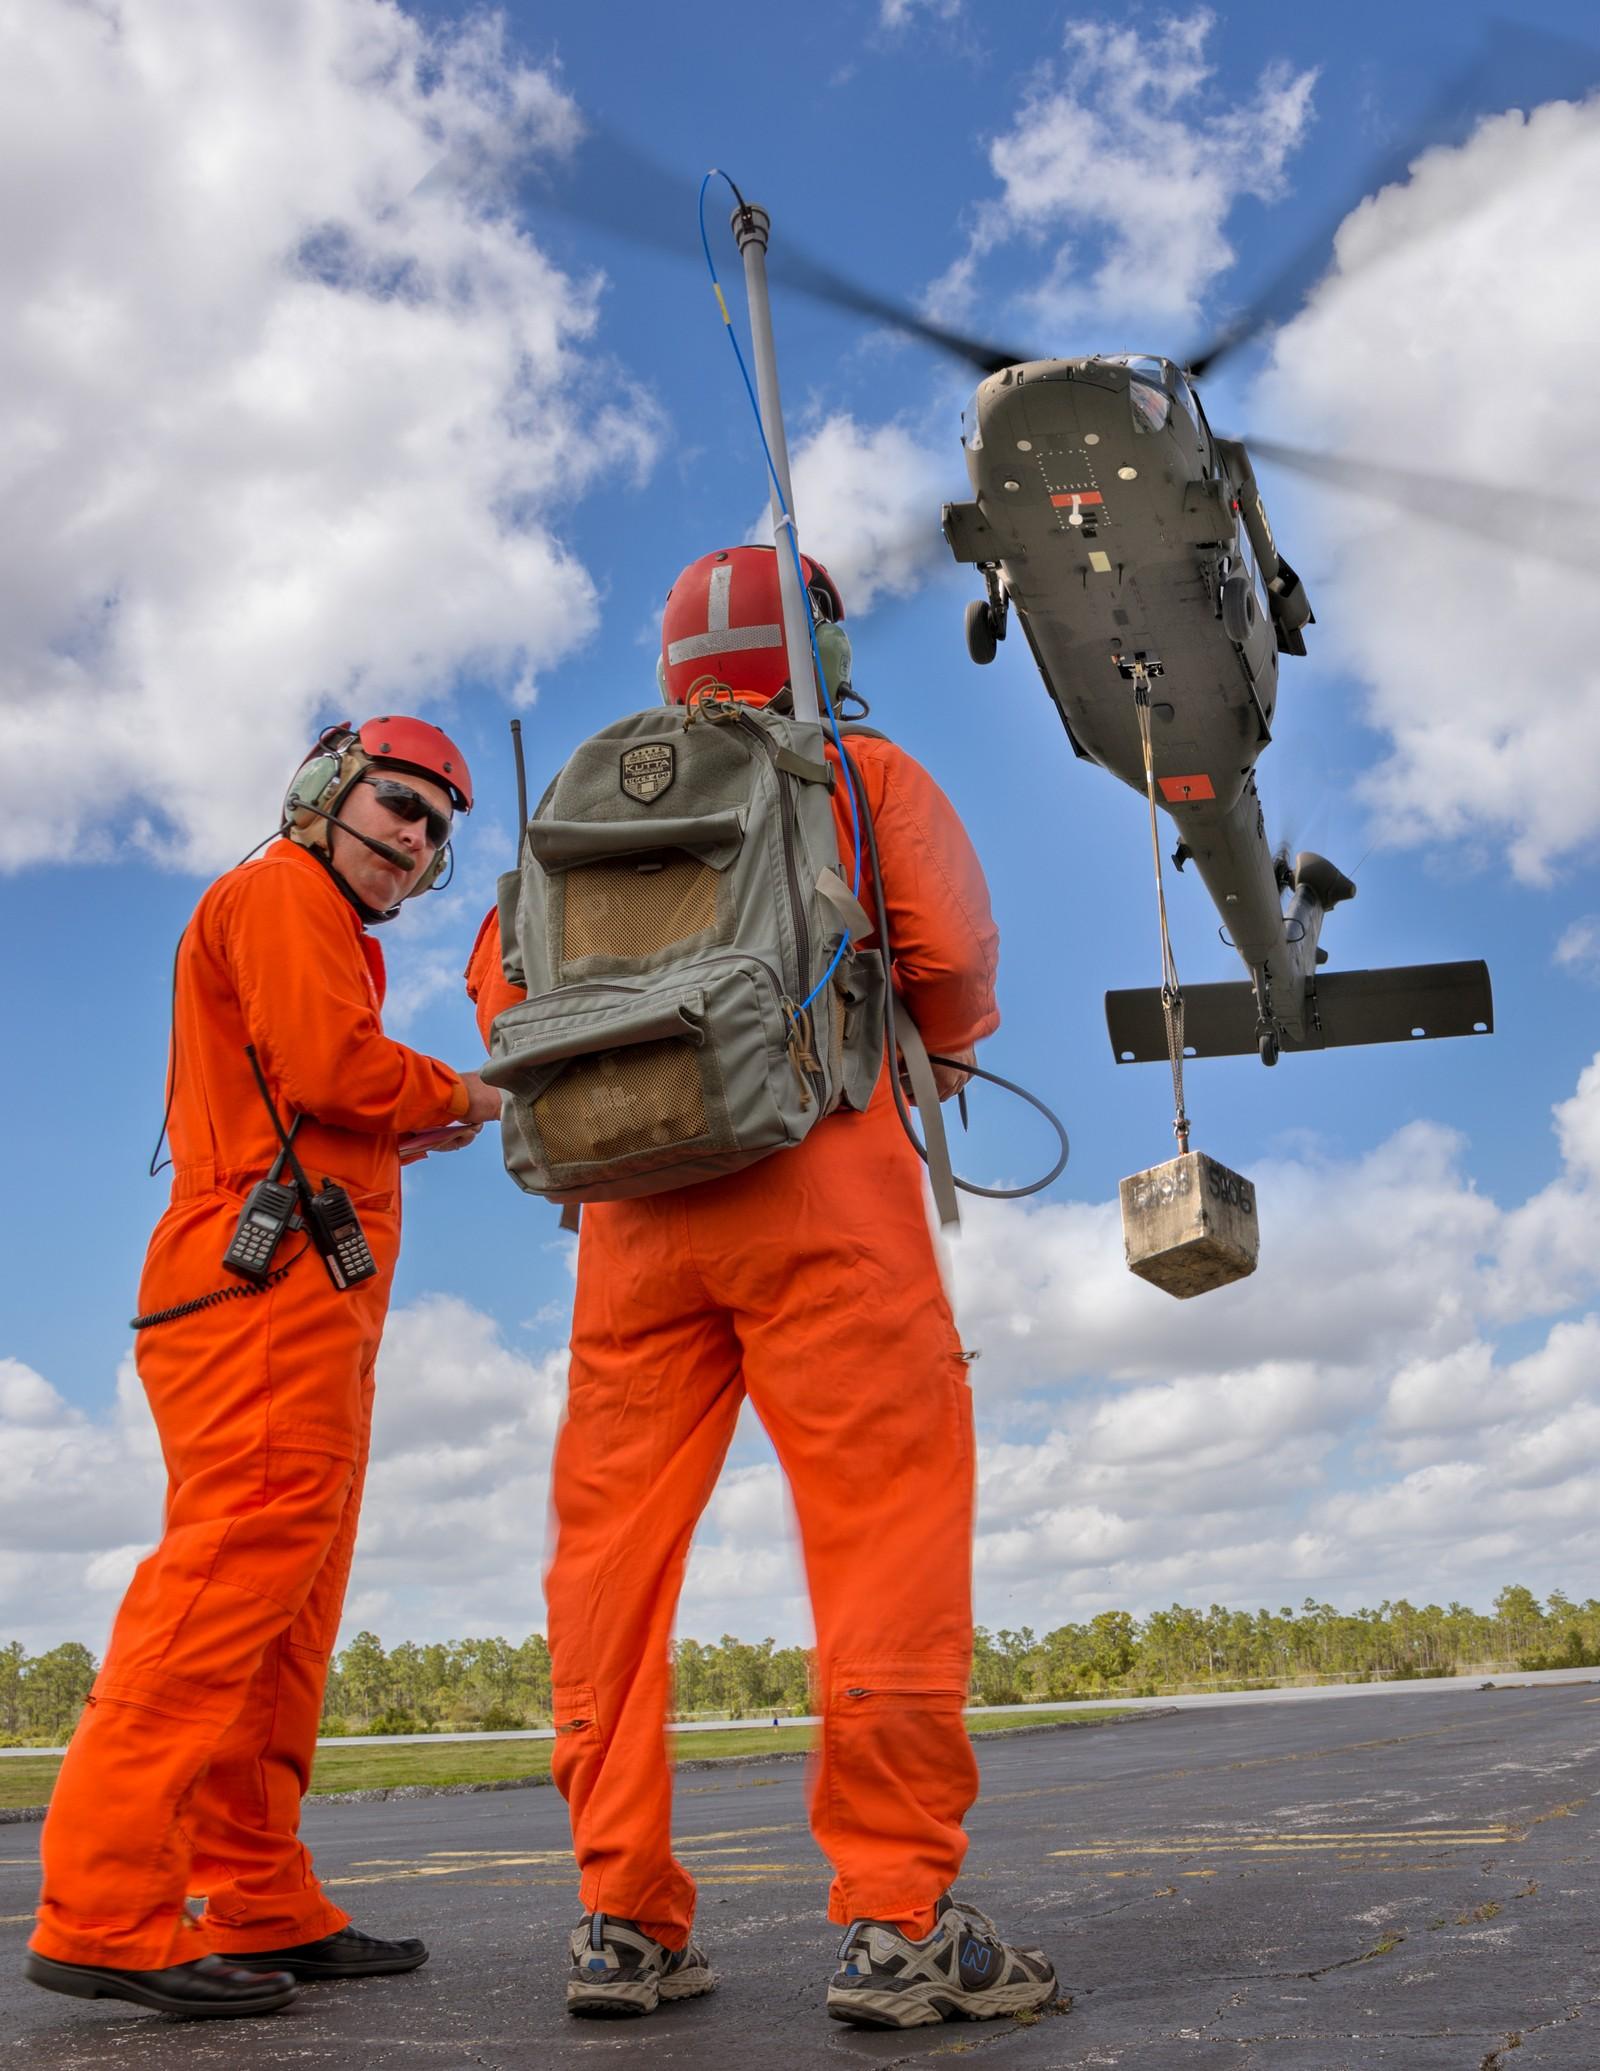 초도 비행을 실시한 유/무인형 블랙호크 시제헬기